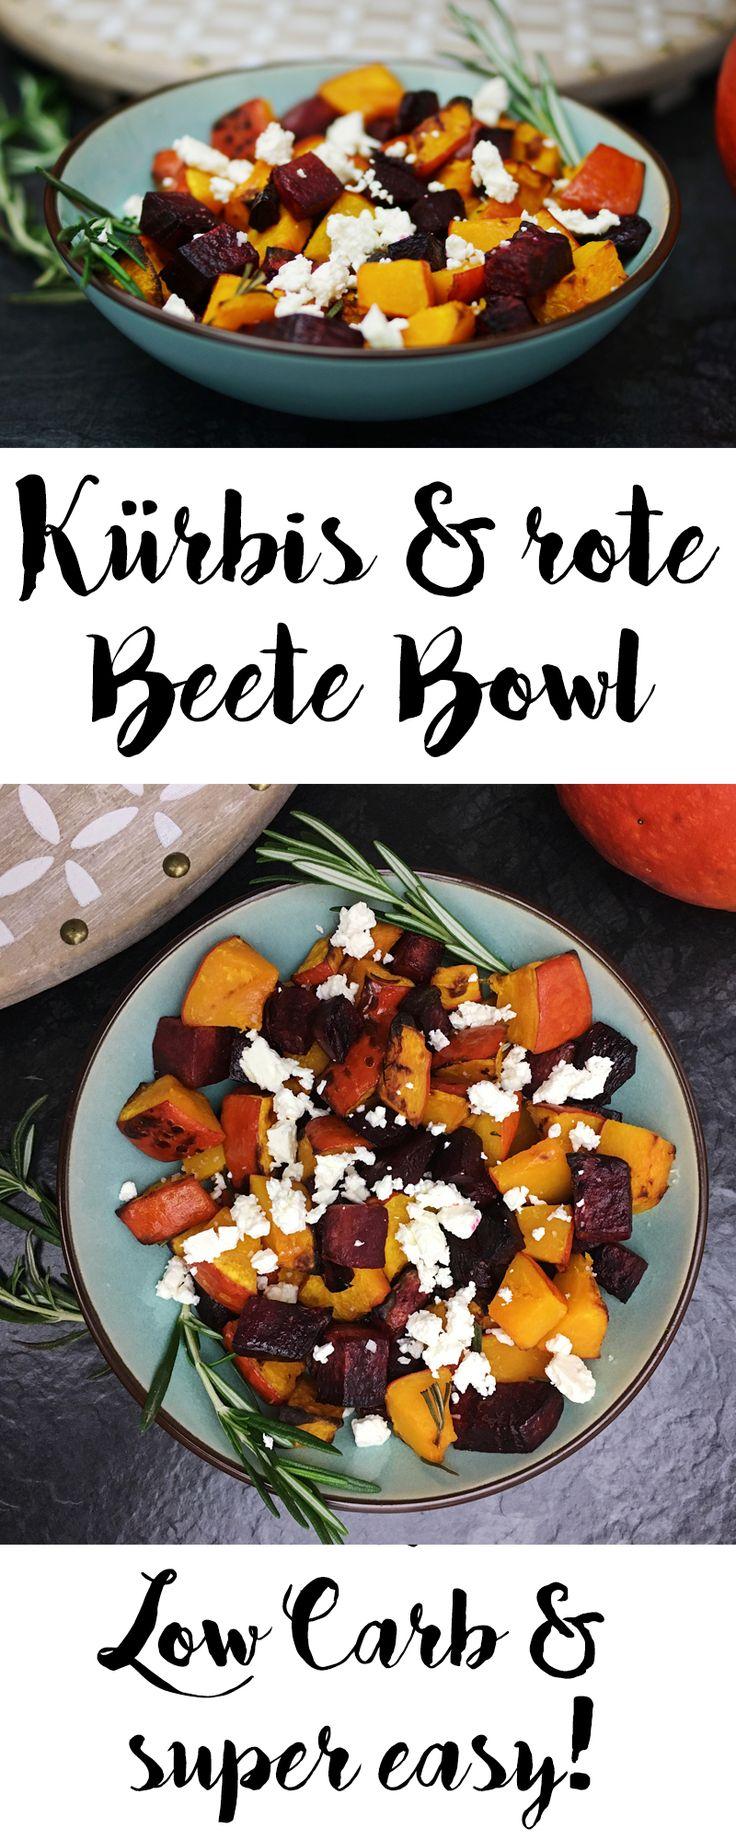 Rote Beete und Kürbis sind eine perfekte low carb Kombi für ein schnelles Abendessen. Das vegetarische Rezept geht ganz fix und vor allem leicht.